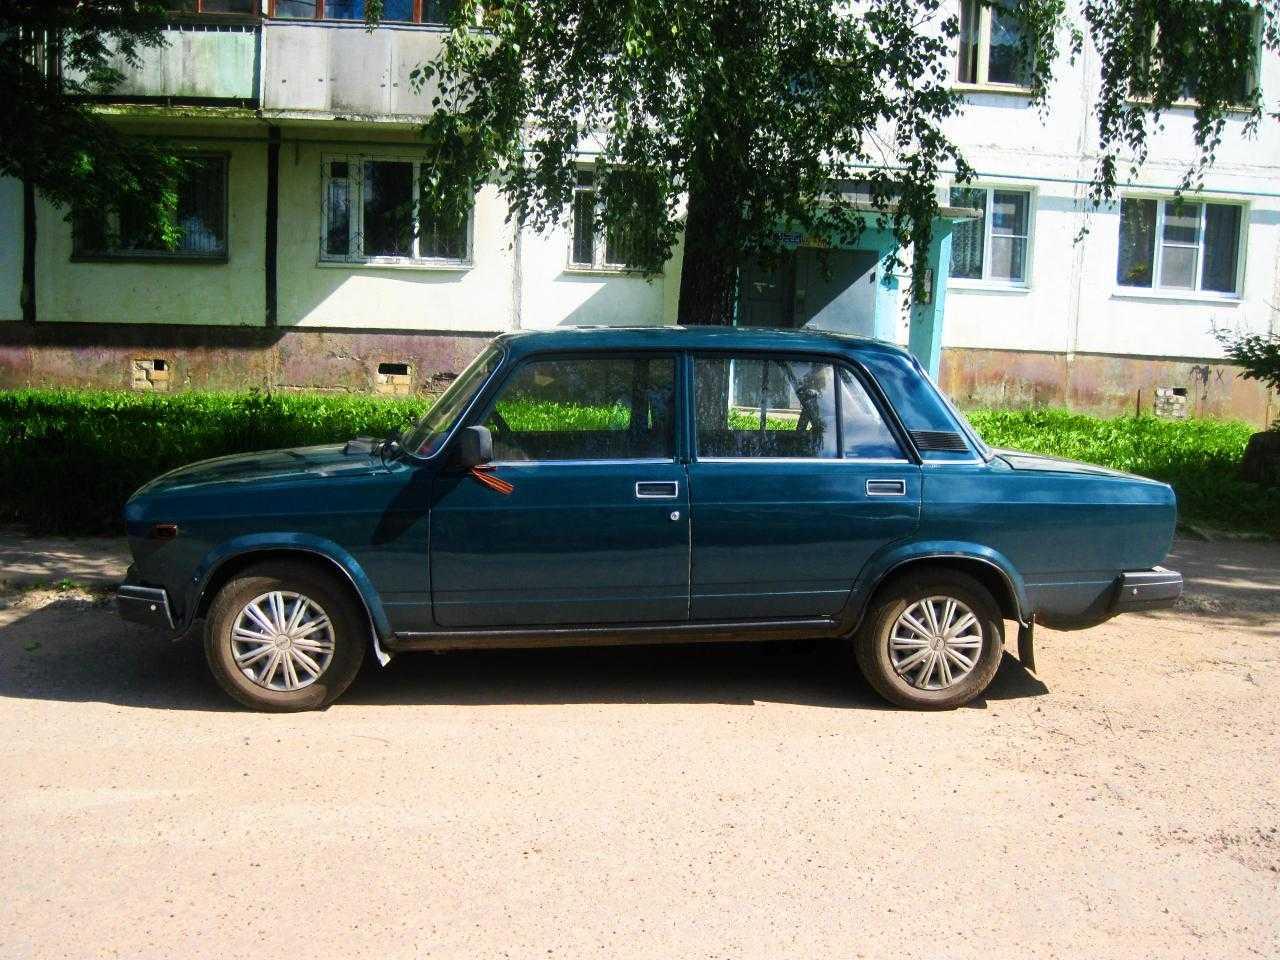 2105 2002 г.в. - О бюрократических (и не только) трудностях утилизации авто